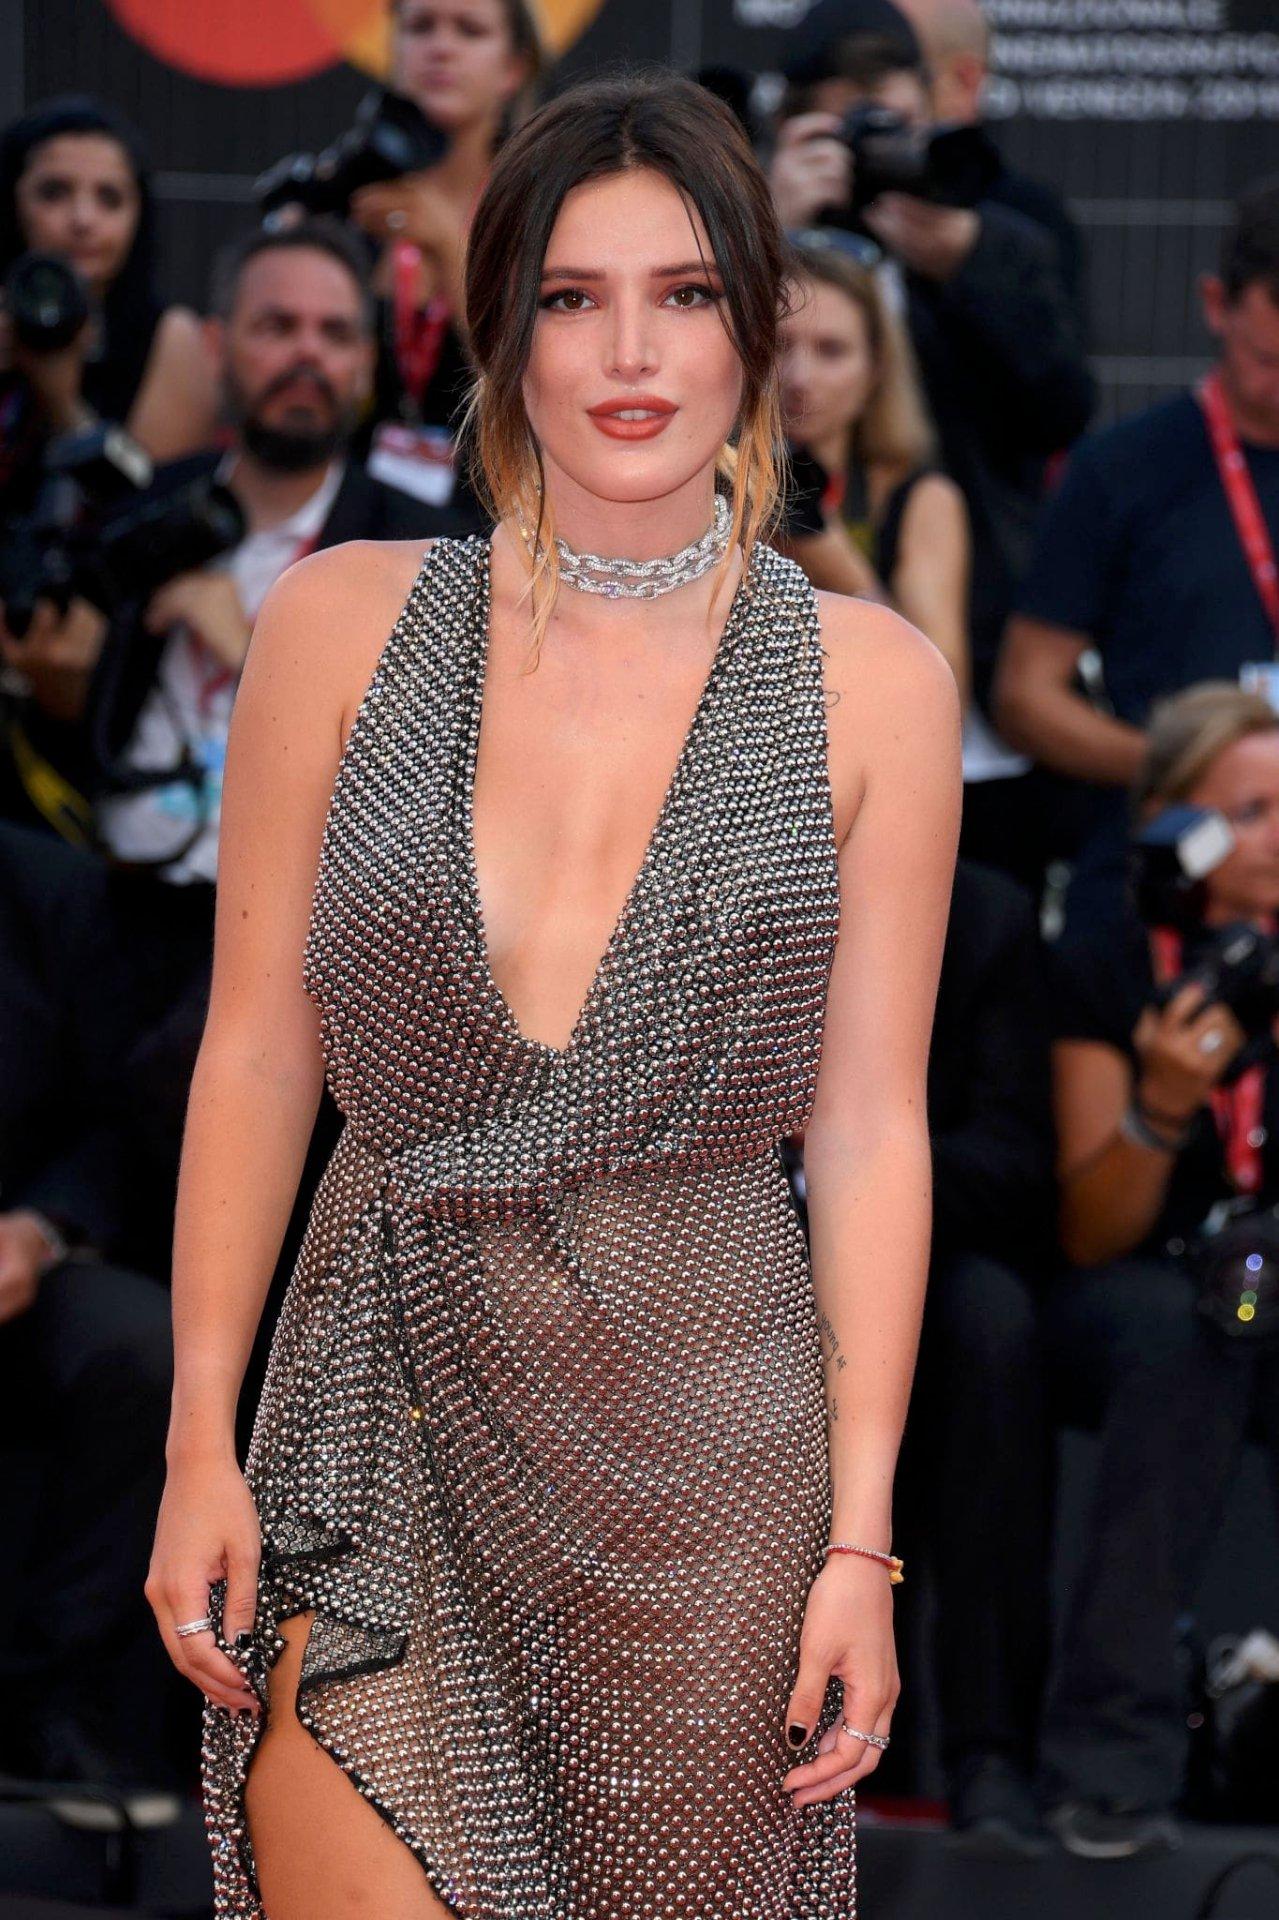 Top 18 Celebrity Naked Dresses - The Frisky